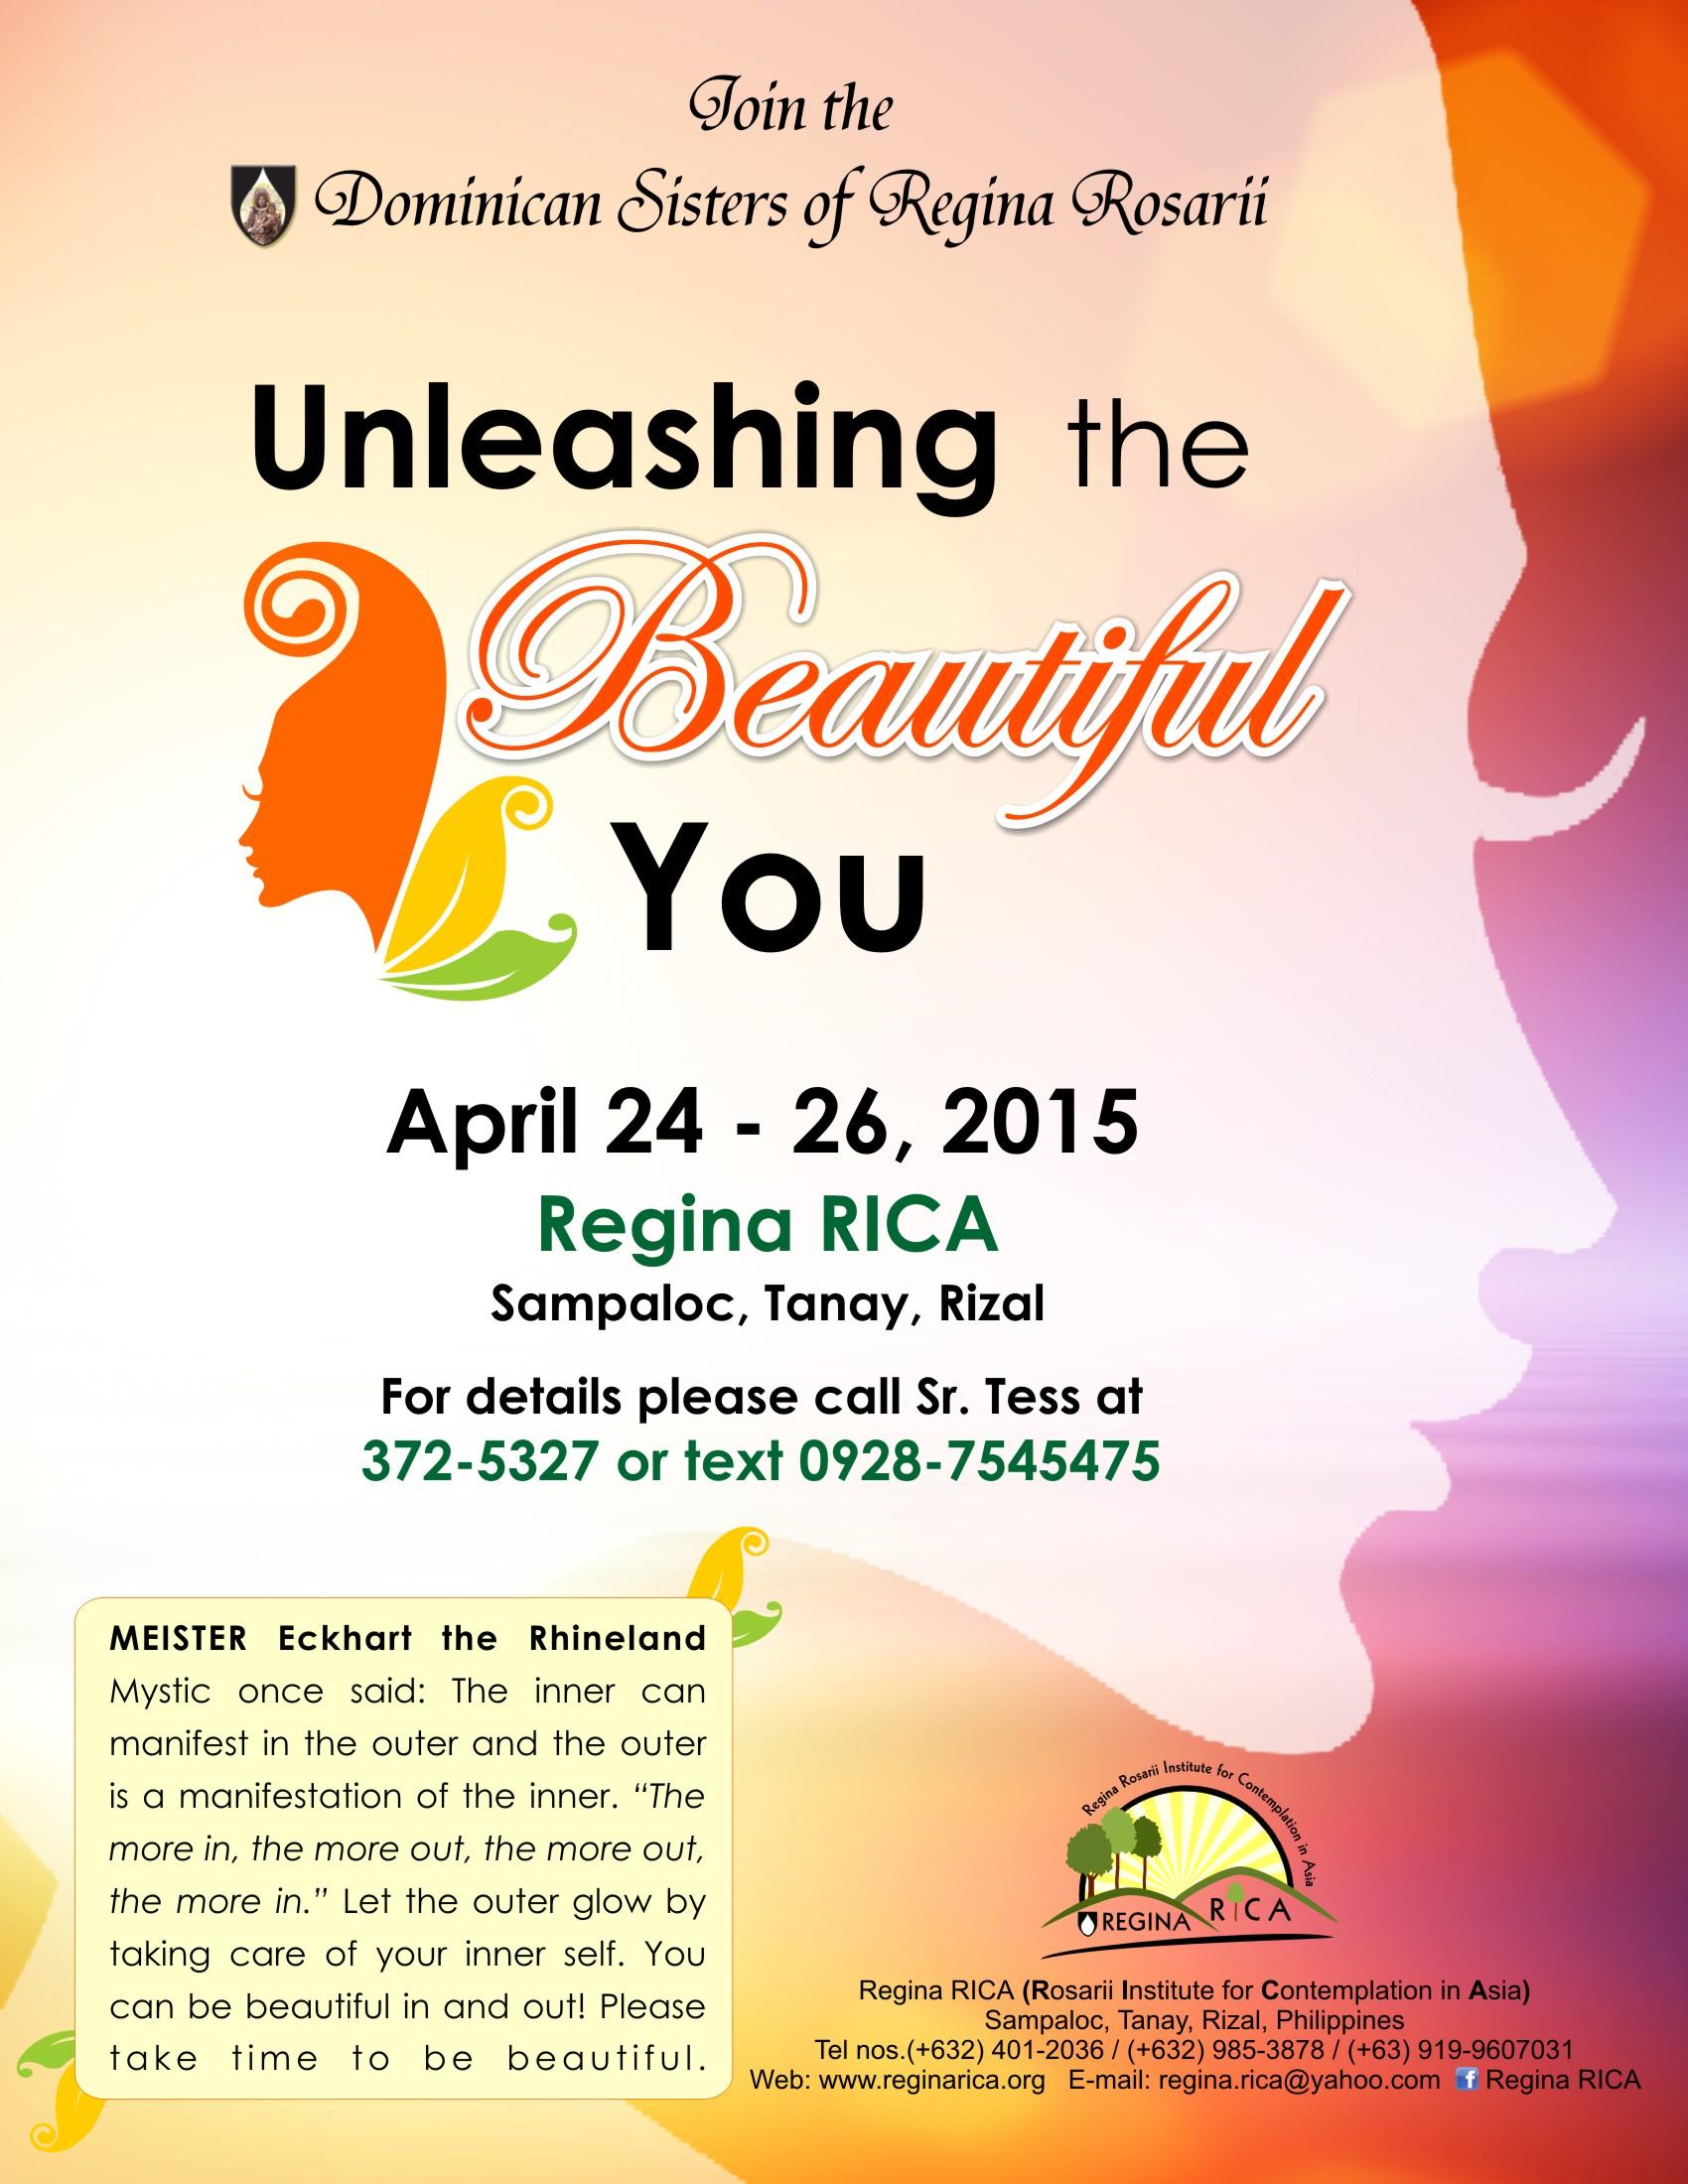 Unleashing the Beautiful You